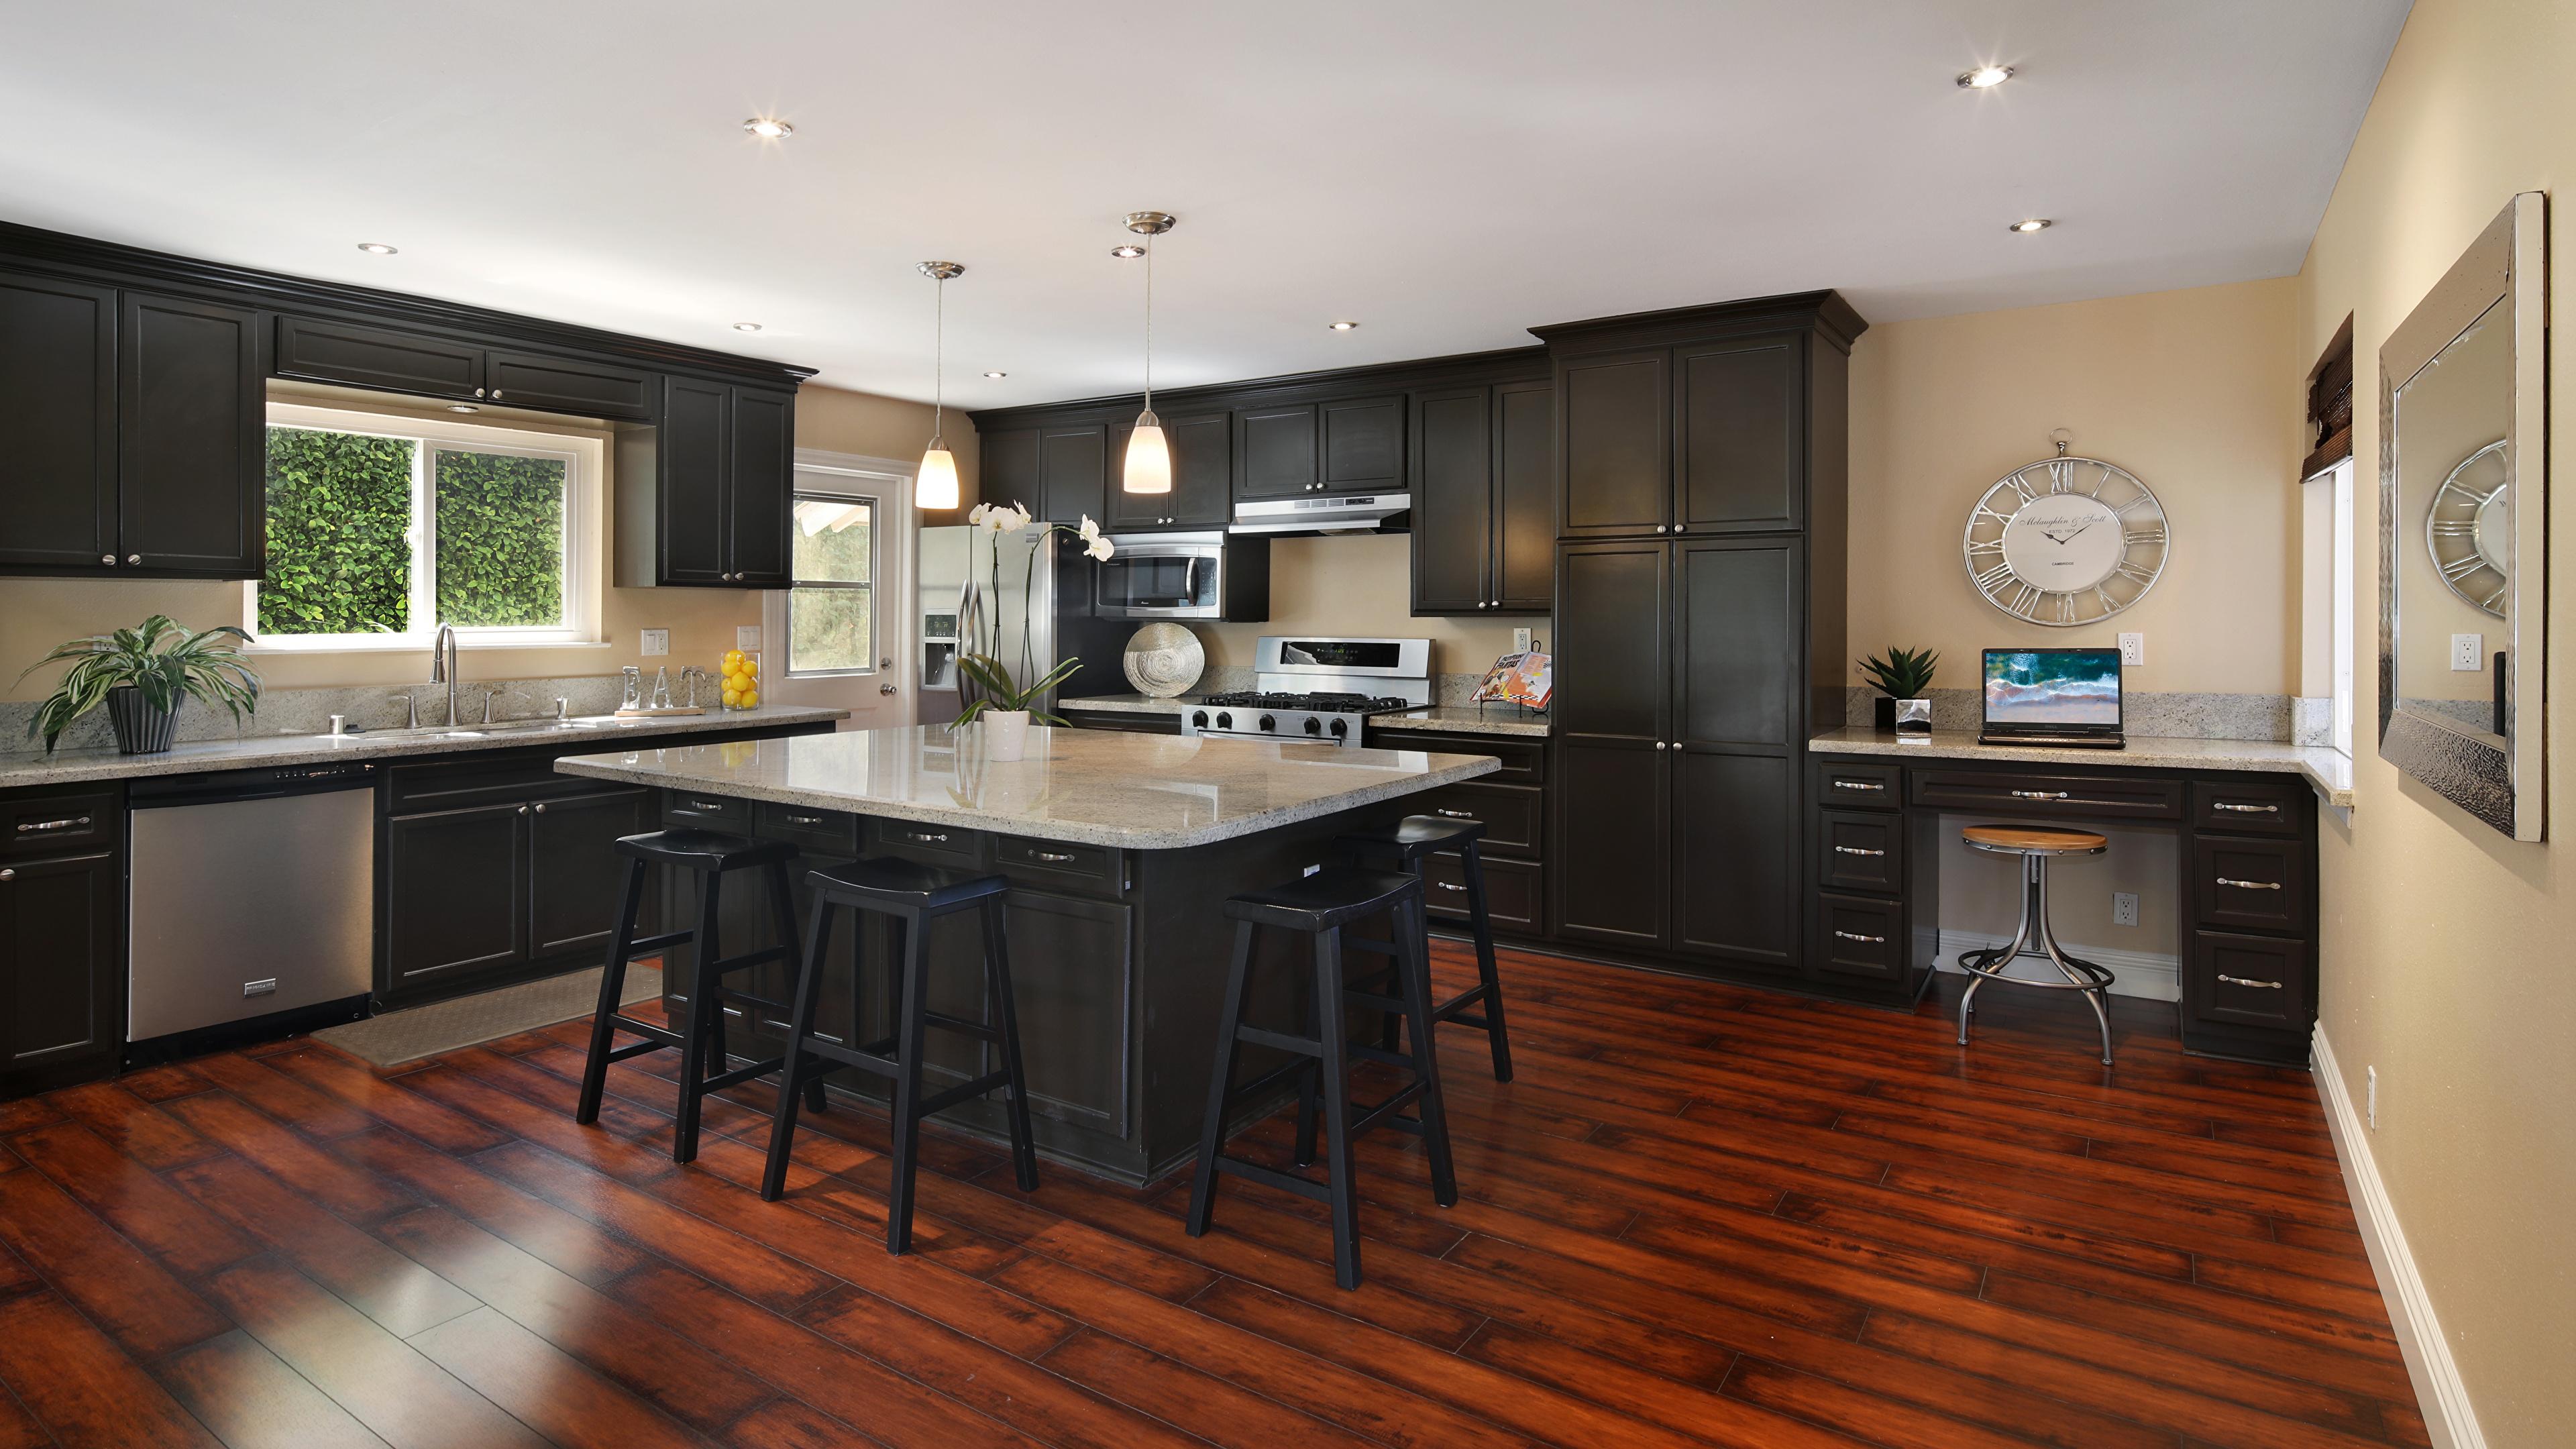 Картинки Кухня Интерьер стола Стулья Дизайн 3840x2160 кухни Стол стул столы дизайна